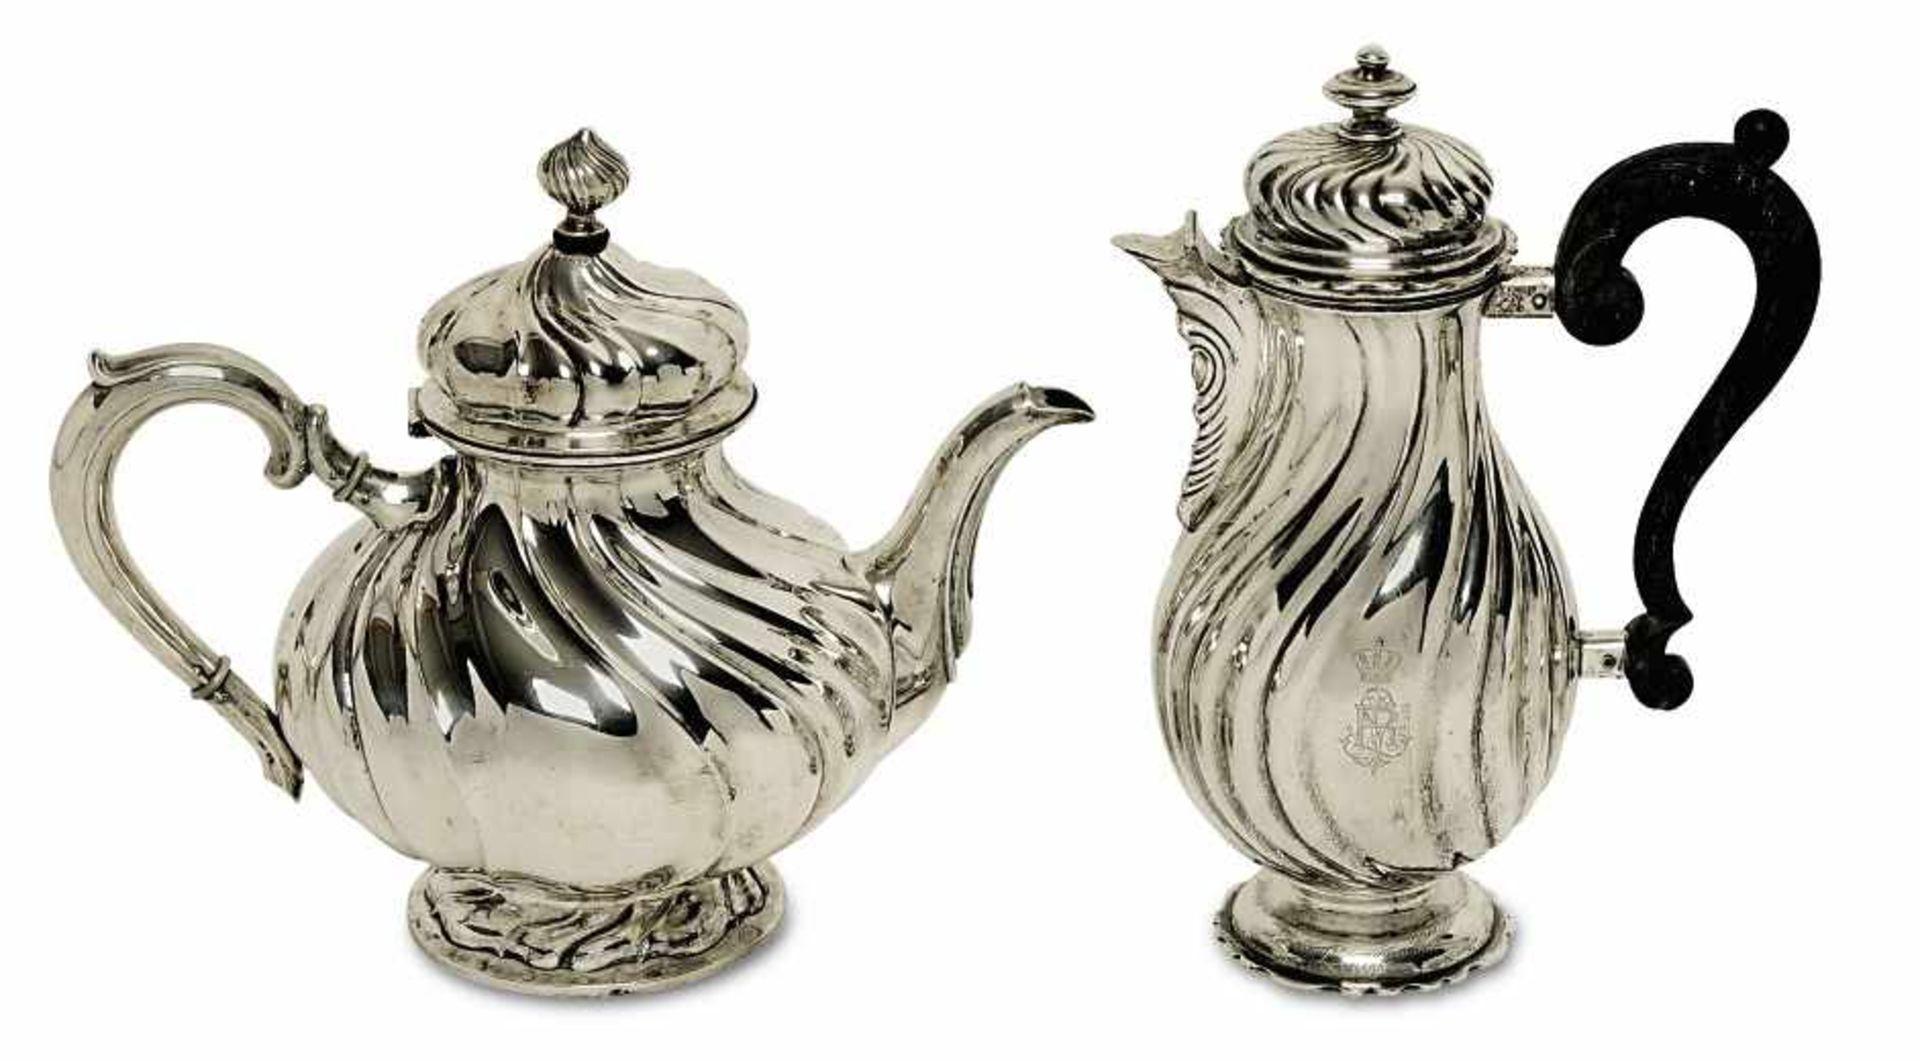 Los 19 - Kaffeekanne / TeekanneMünchen, Wollenweber, um 1899 und später Silber. Geschweifte Züge. Die